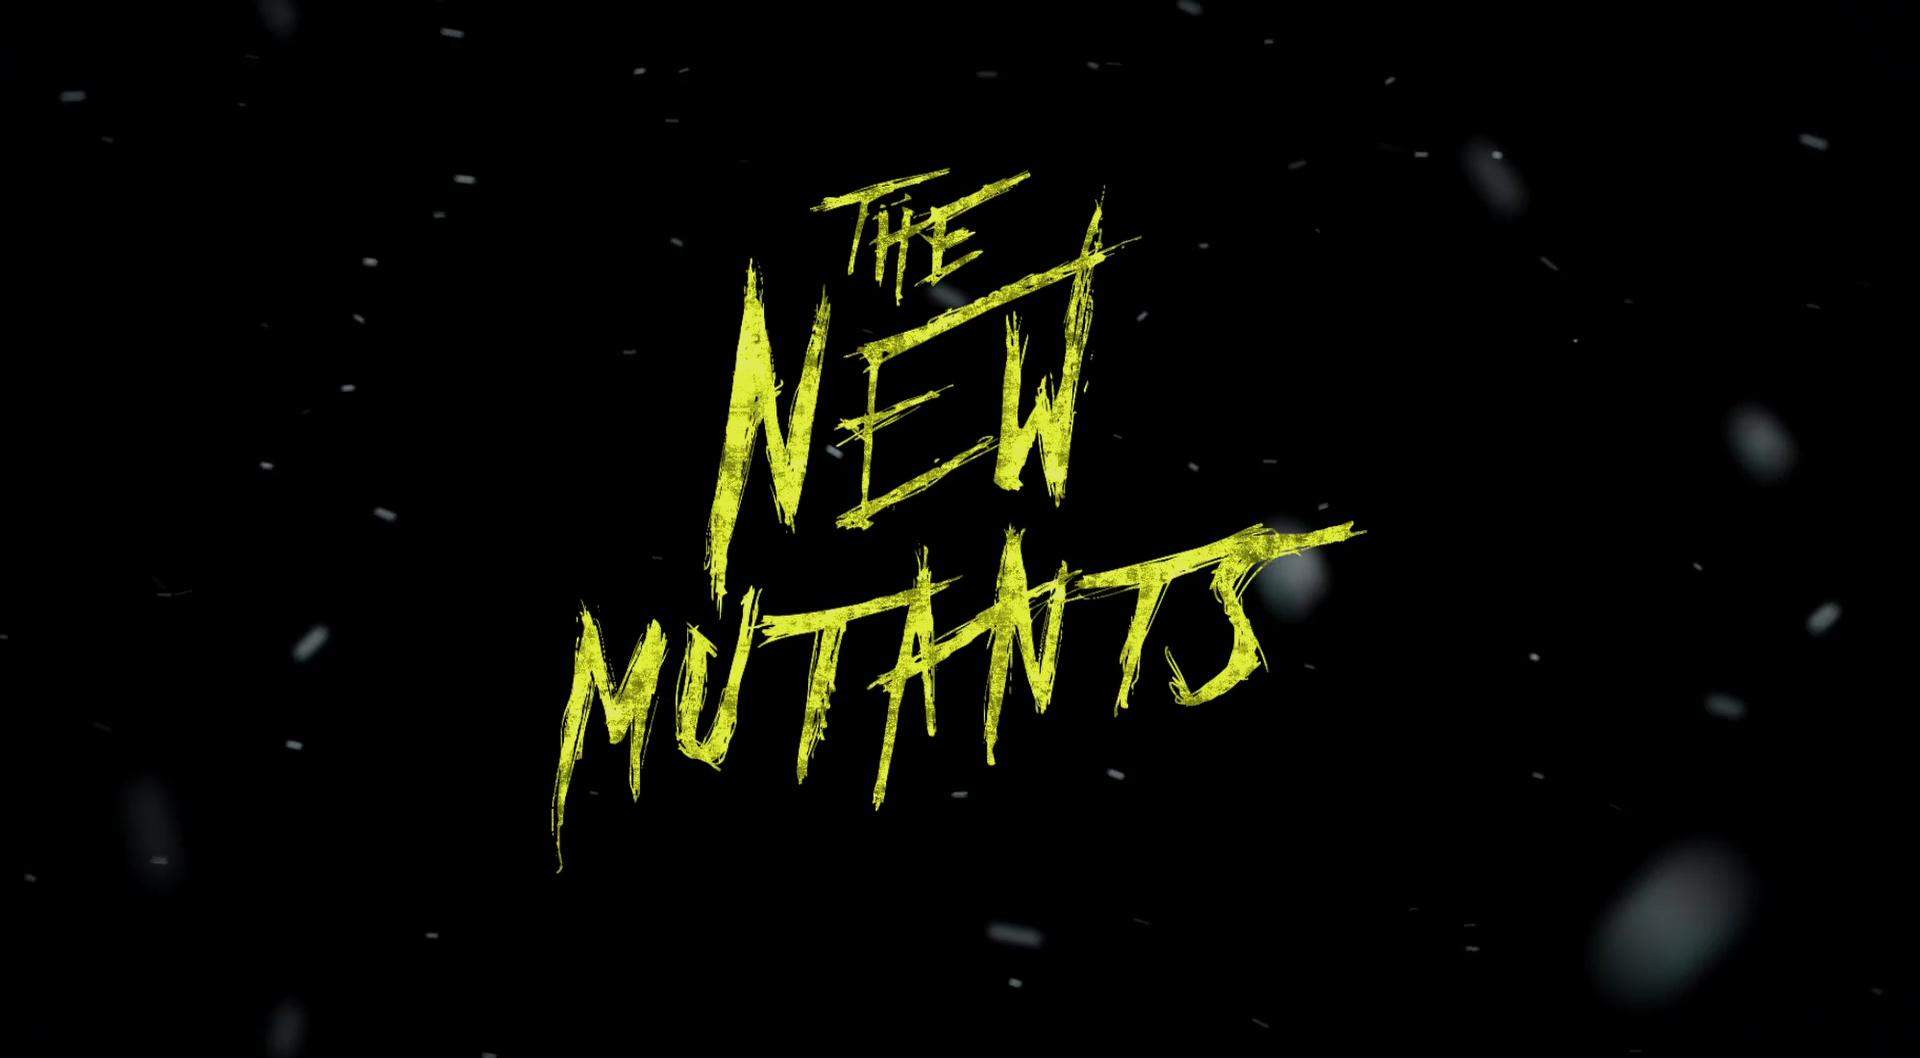 LES NOUVEAUX MUTANTS (The New Mutants) de Josh Boone (2020)